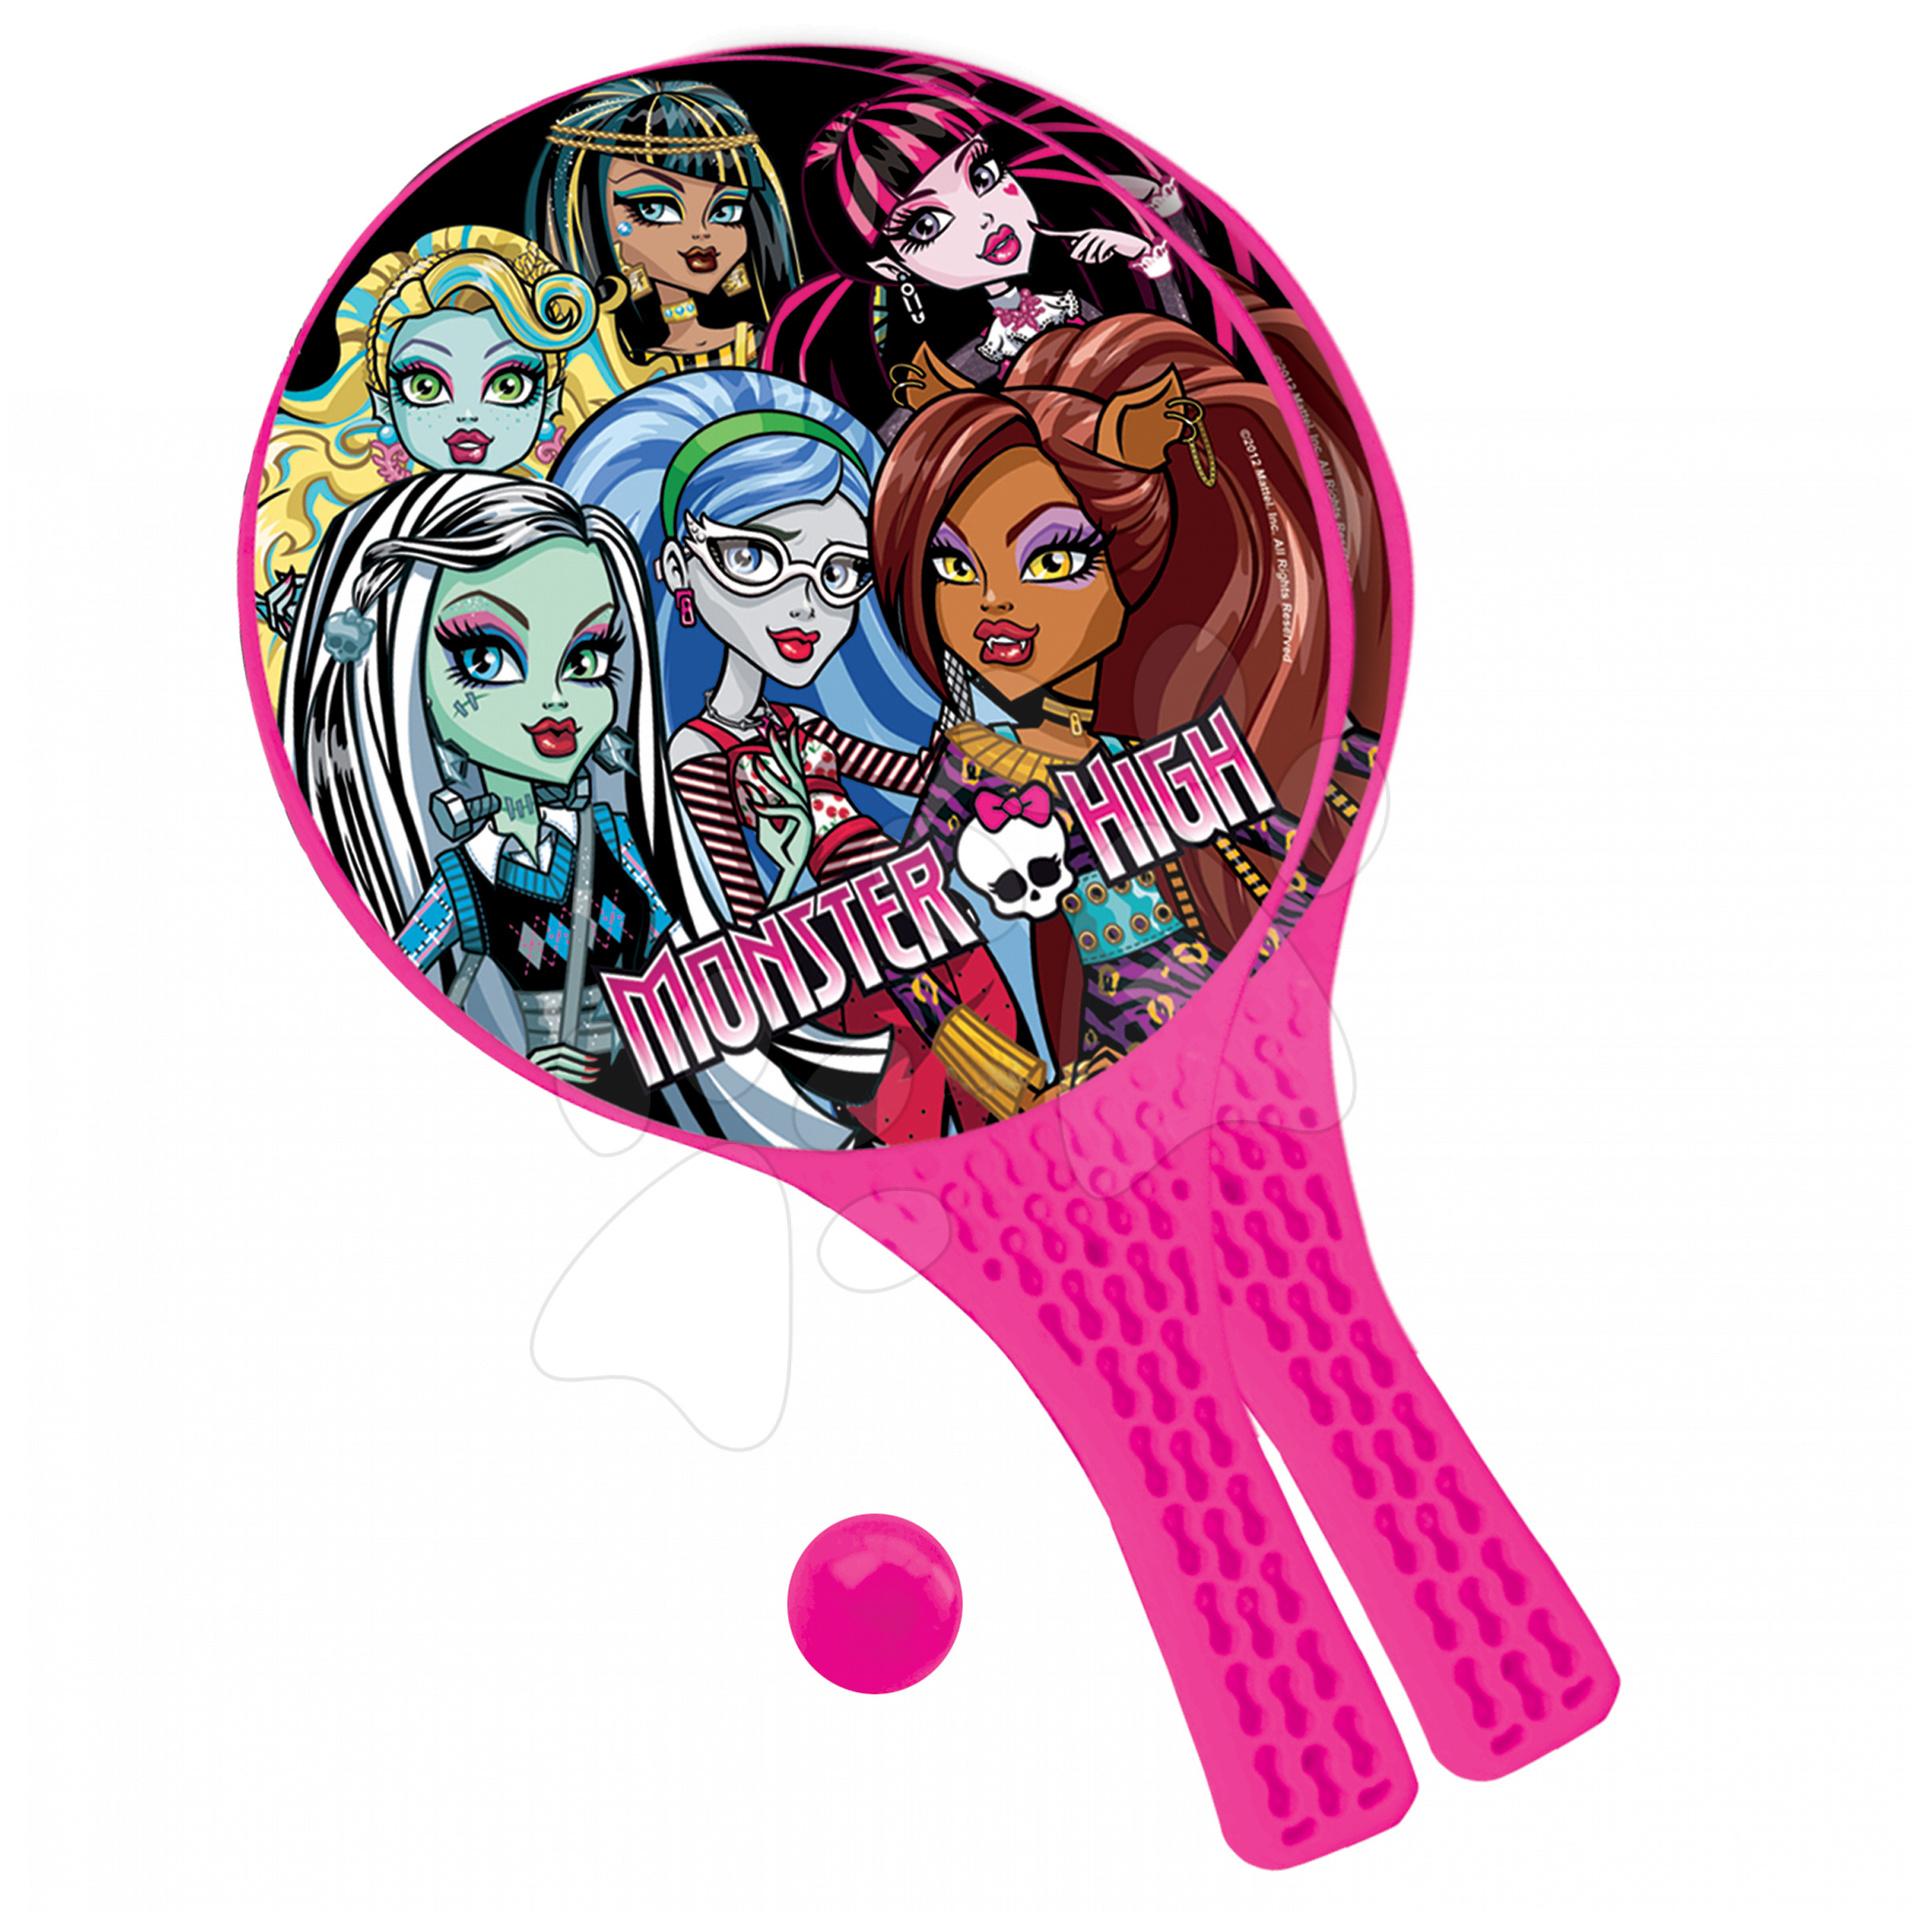 Staré položky - Plážový tenis set Monster High Mondo 2 ks + loptička s 2 raketami a loptičkou